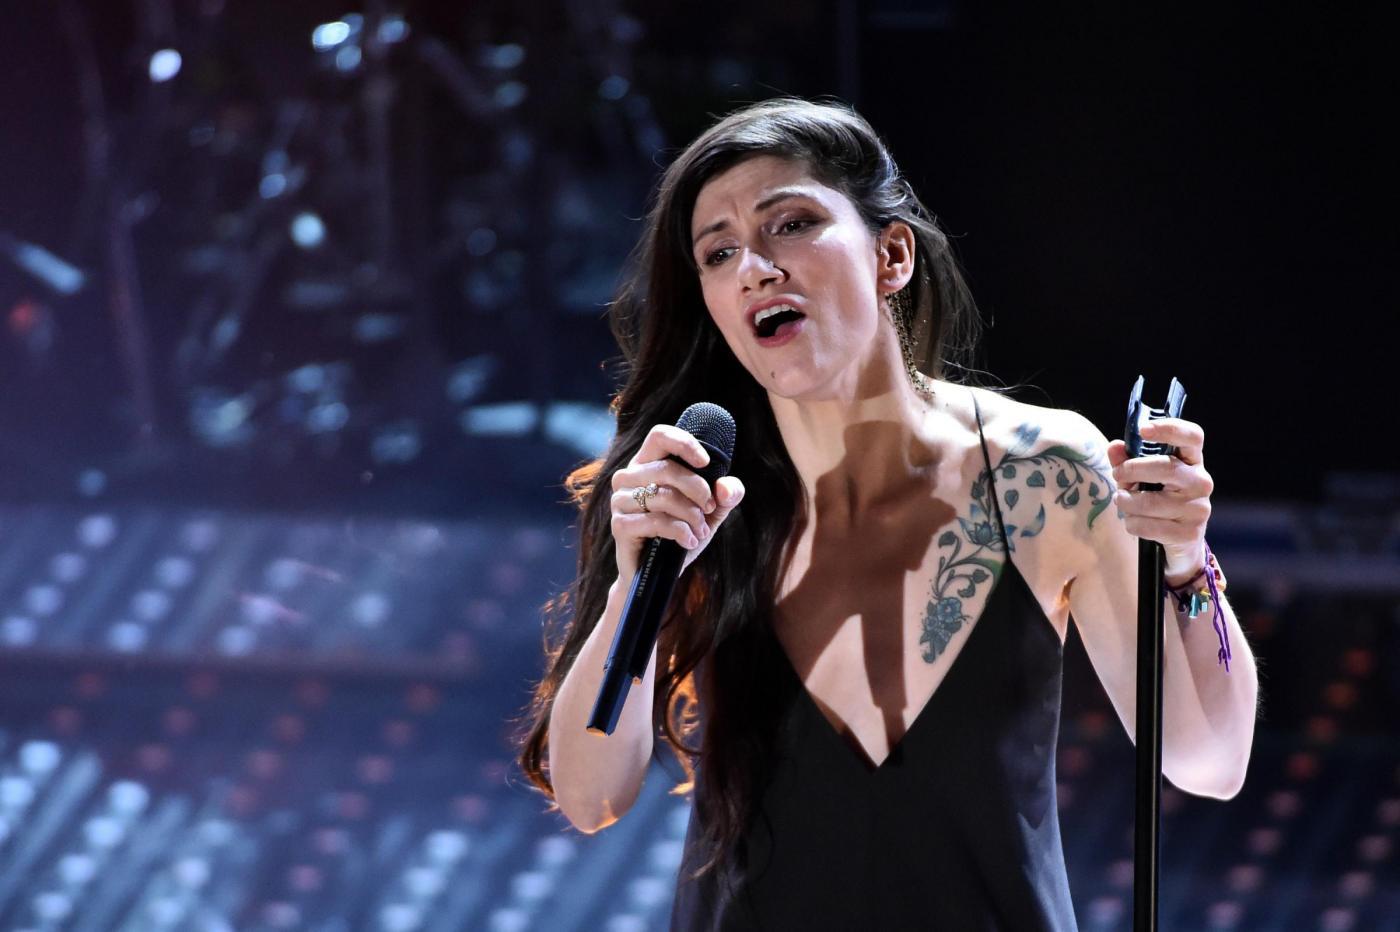 Elisa, la cantante ricorda il padre scomparso: 'Aveva due famiglie, lo vedevo poco'